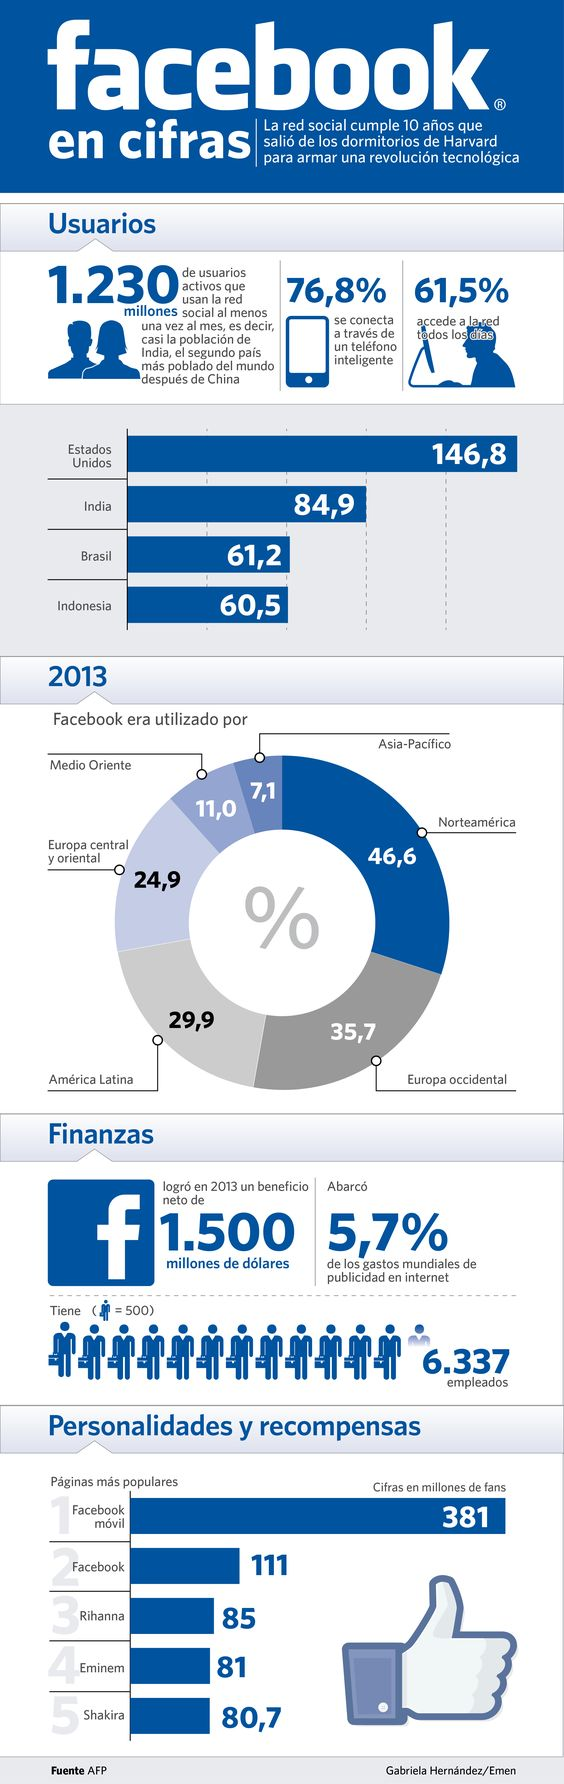 Los 10 primeros años de FaceBook #infografia: Infographic Socialmedia, Infografías Social, Infografías Facebook, Infografia Infographic, Graphics Socialmedia, Infografias Facebook